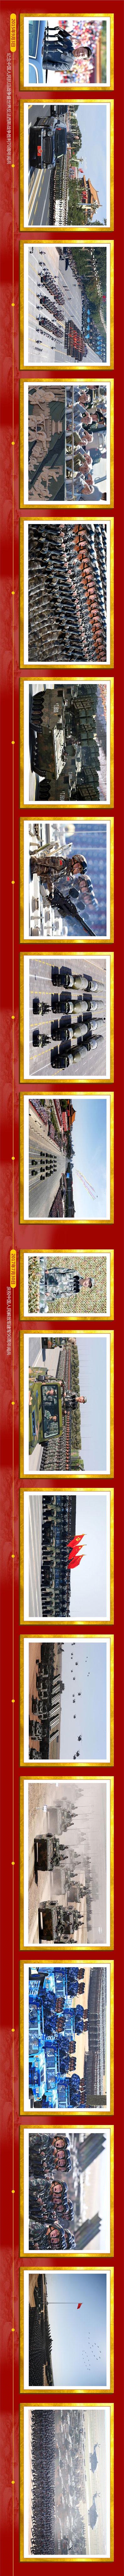 杏悦官网:统帅的检阅强军的号角杏悦官网图片